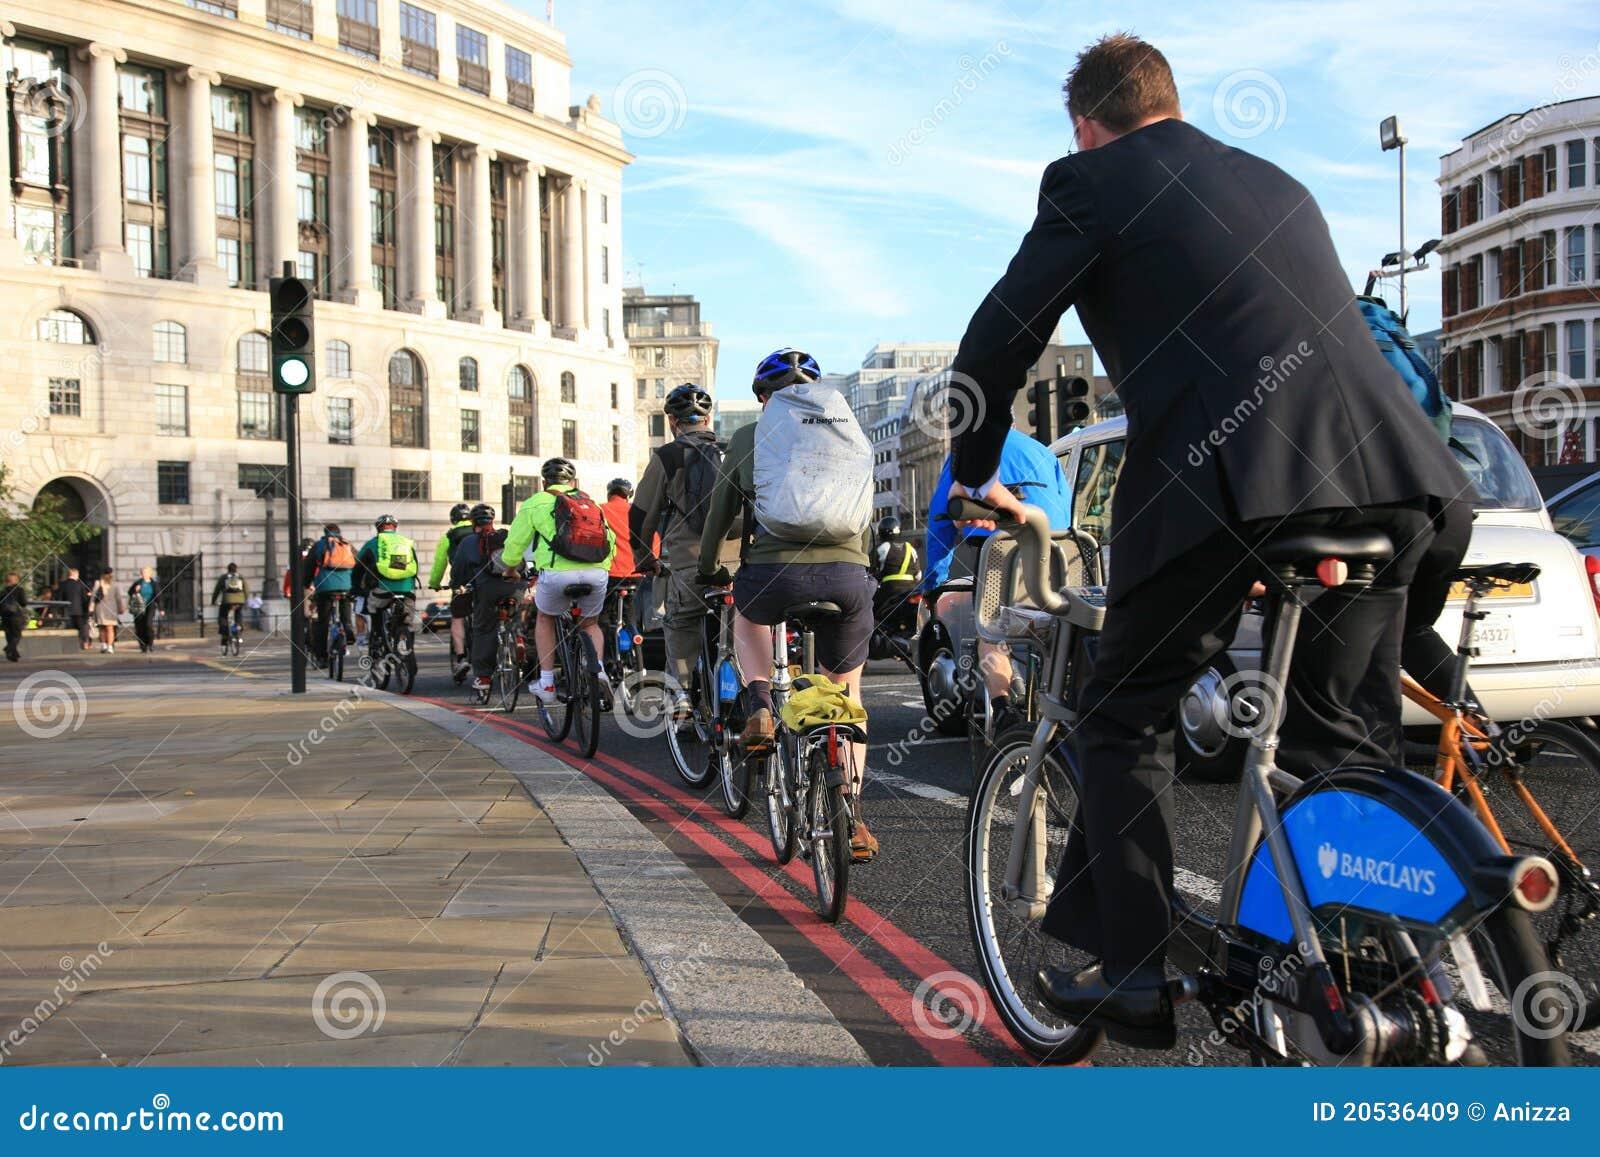 Viajantes de bilhete mensal da bicicleta em Londres